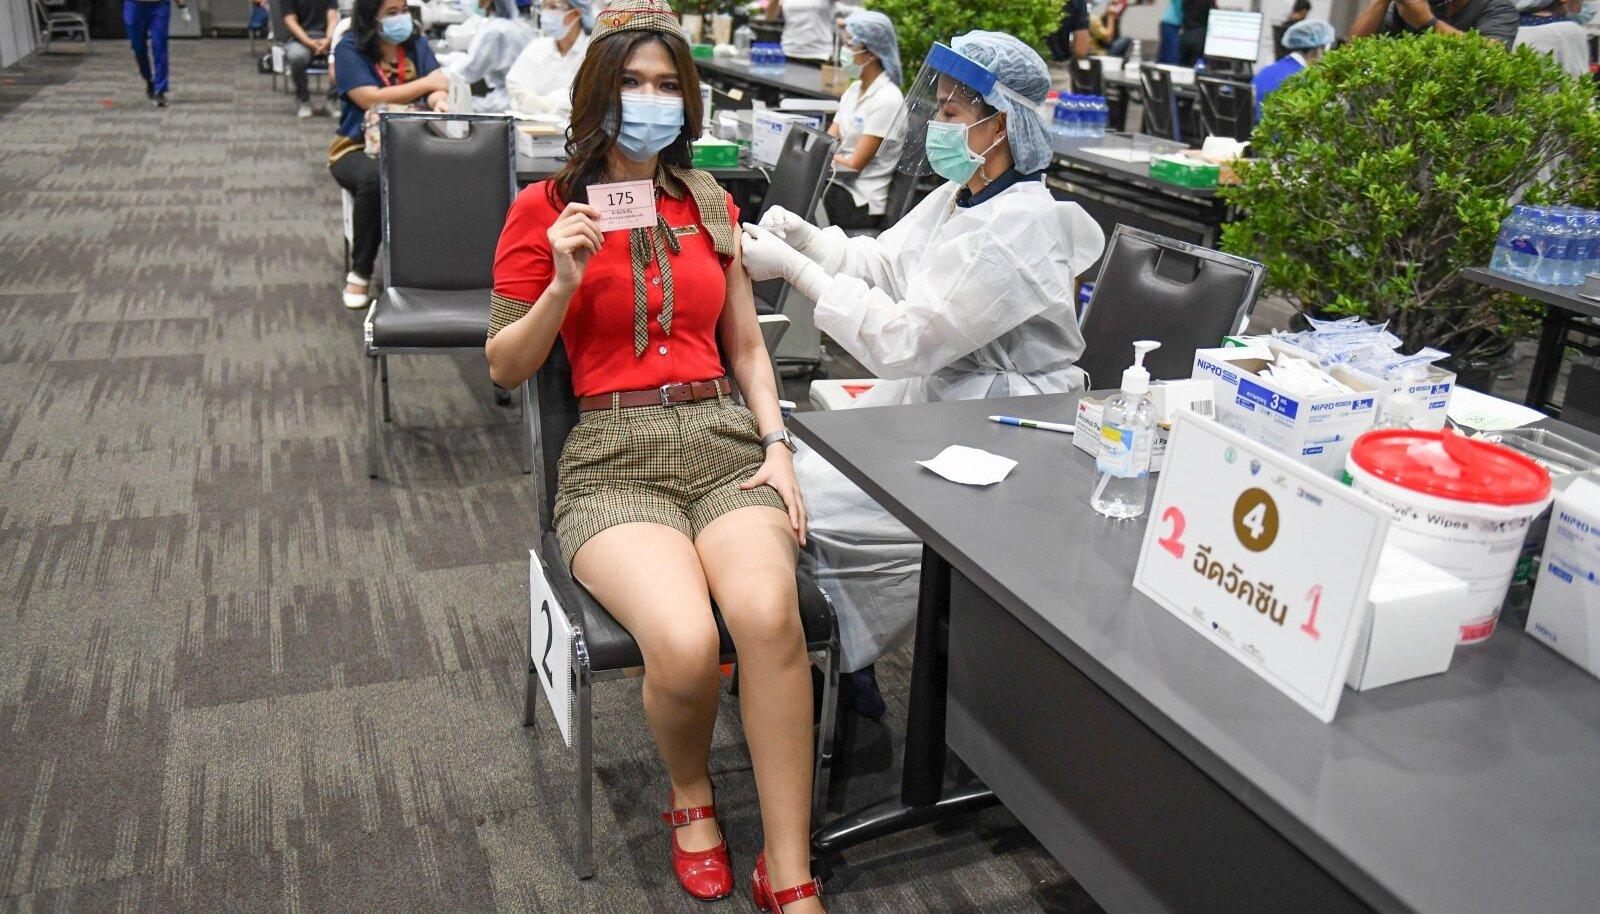 KEHV KAUP, AGA MUUD POLE: Hiinal on Ida-Aasias ainsana vajalik vaktsiinide tootmise võimekus. See selgitab, miks Hiina halvasti toimivat vaktsiin on domineeriv ka teistes Aasia riikides. Fotol saab Hiina vaktsiinisüsti Tai lennutöötaja.